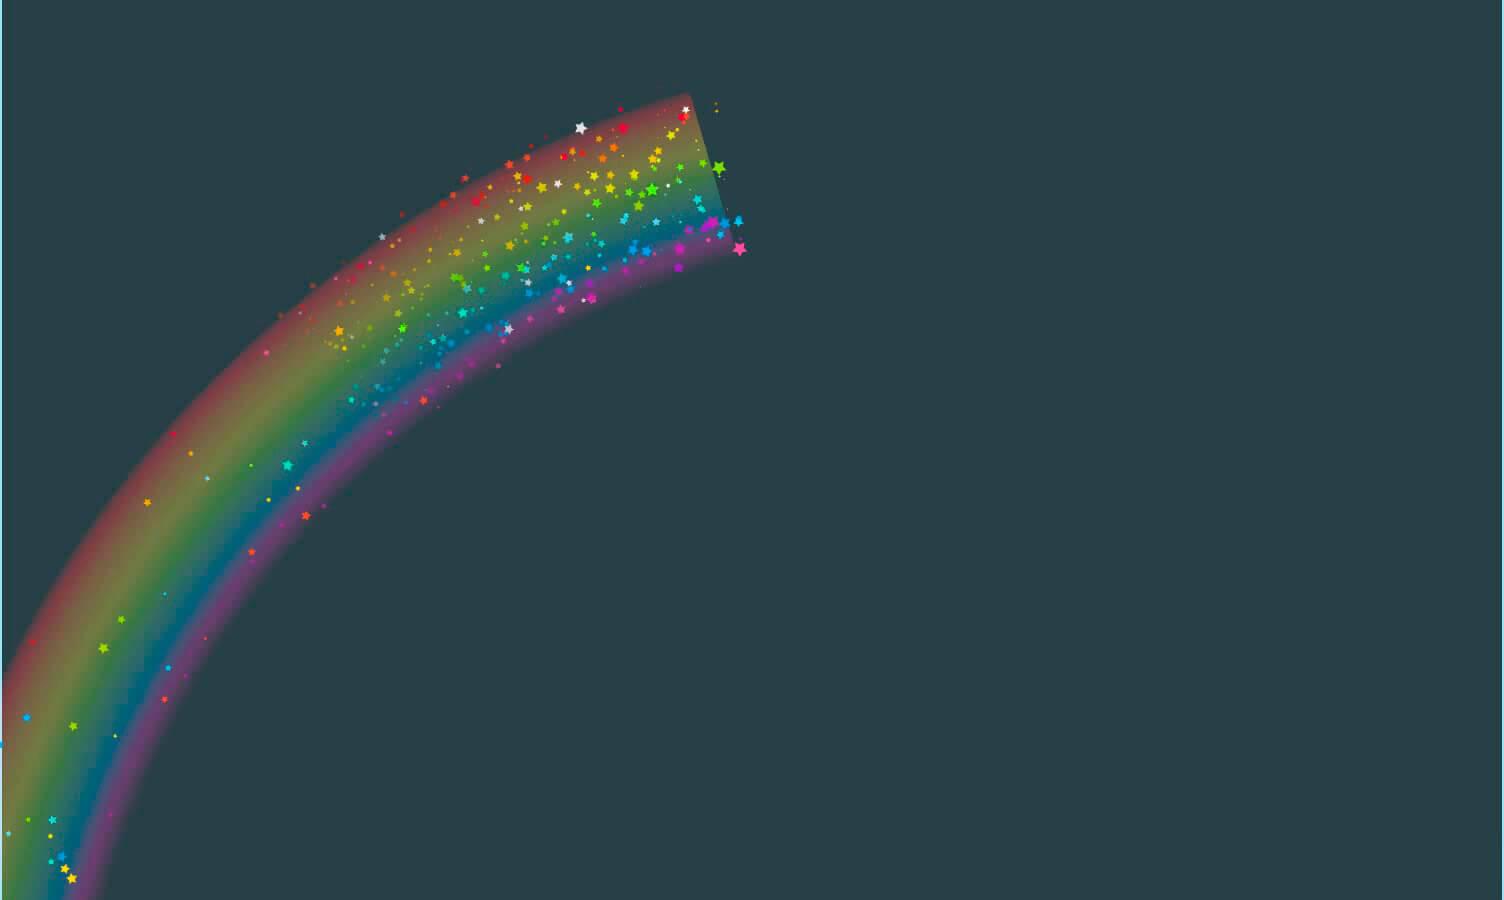 Картинка радуга с анимациями